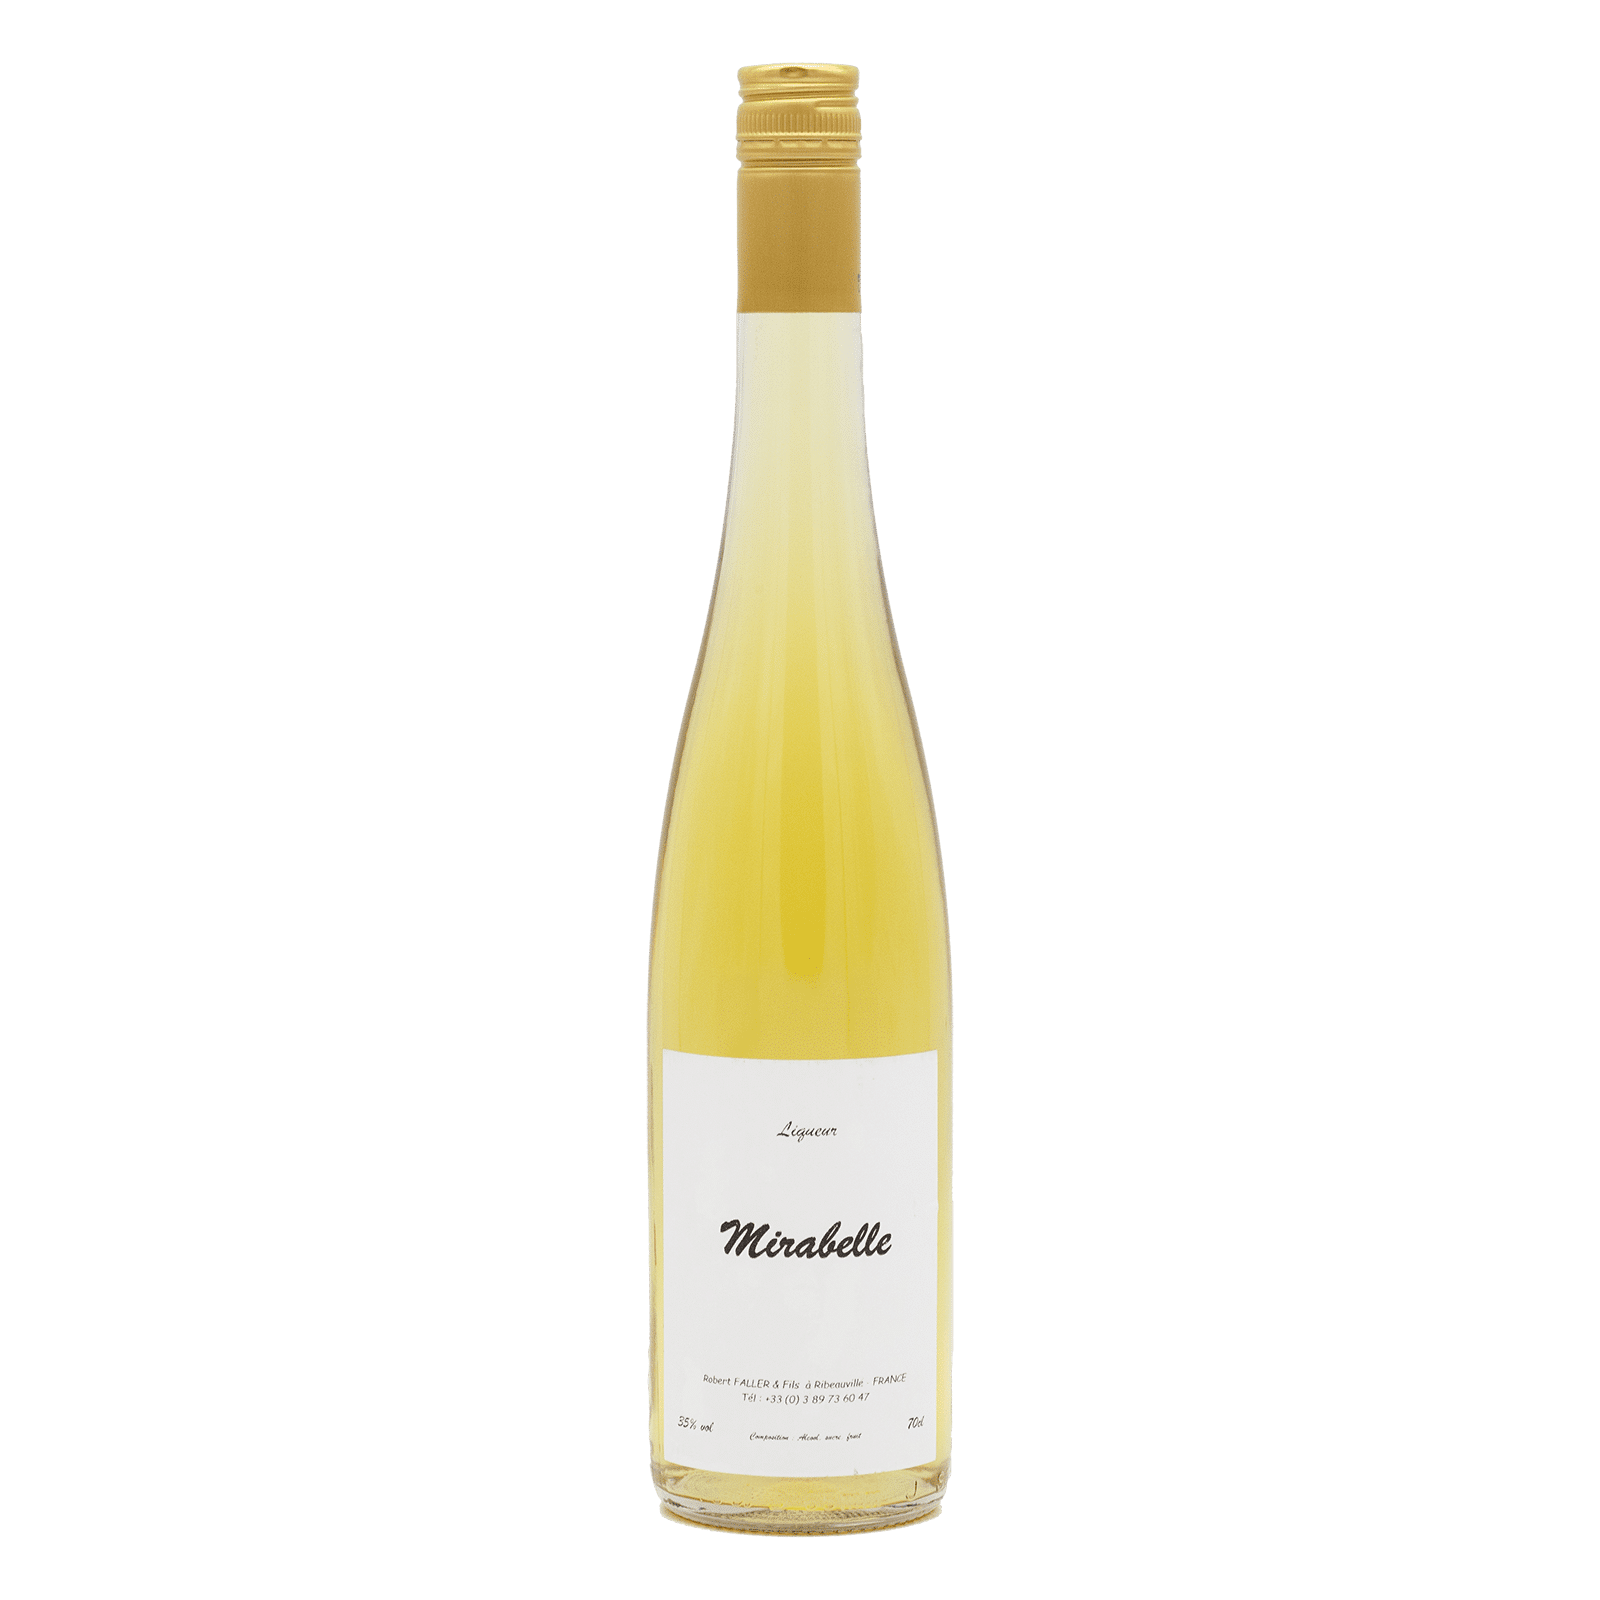 liqueur-mirabelle